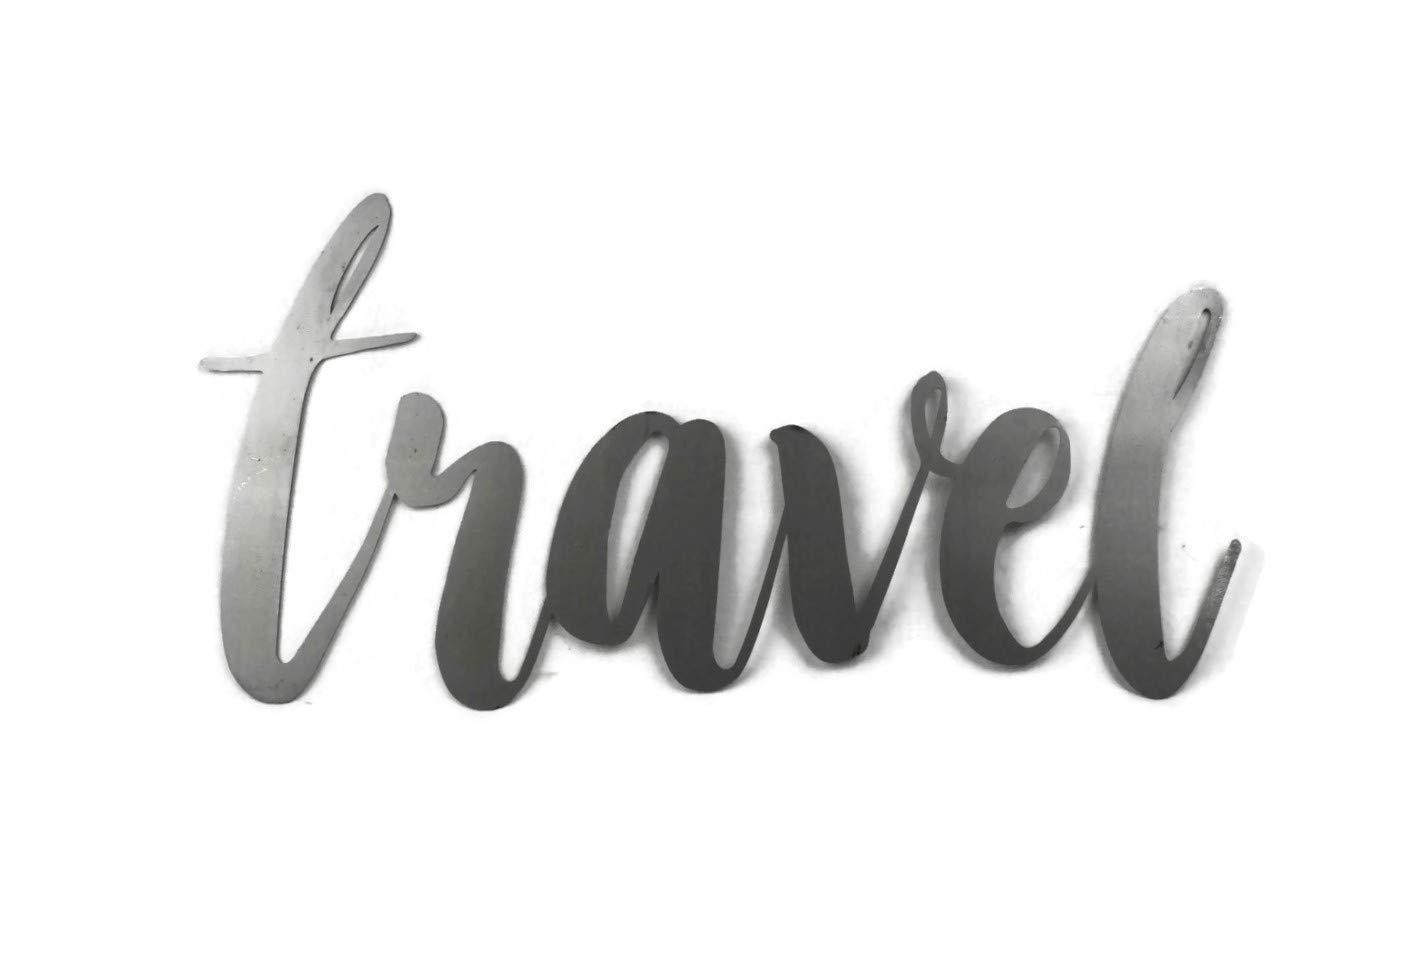 Travel klein Größe Raw Steel Unpainted Wort Art